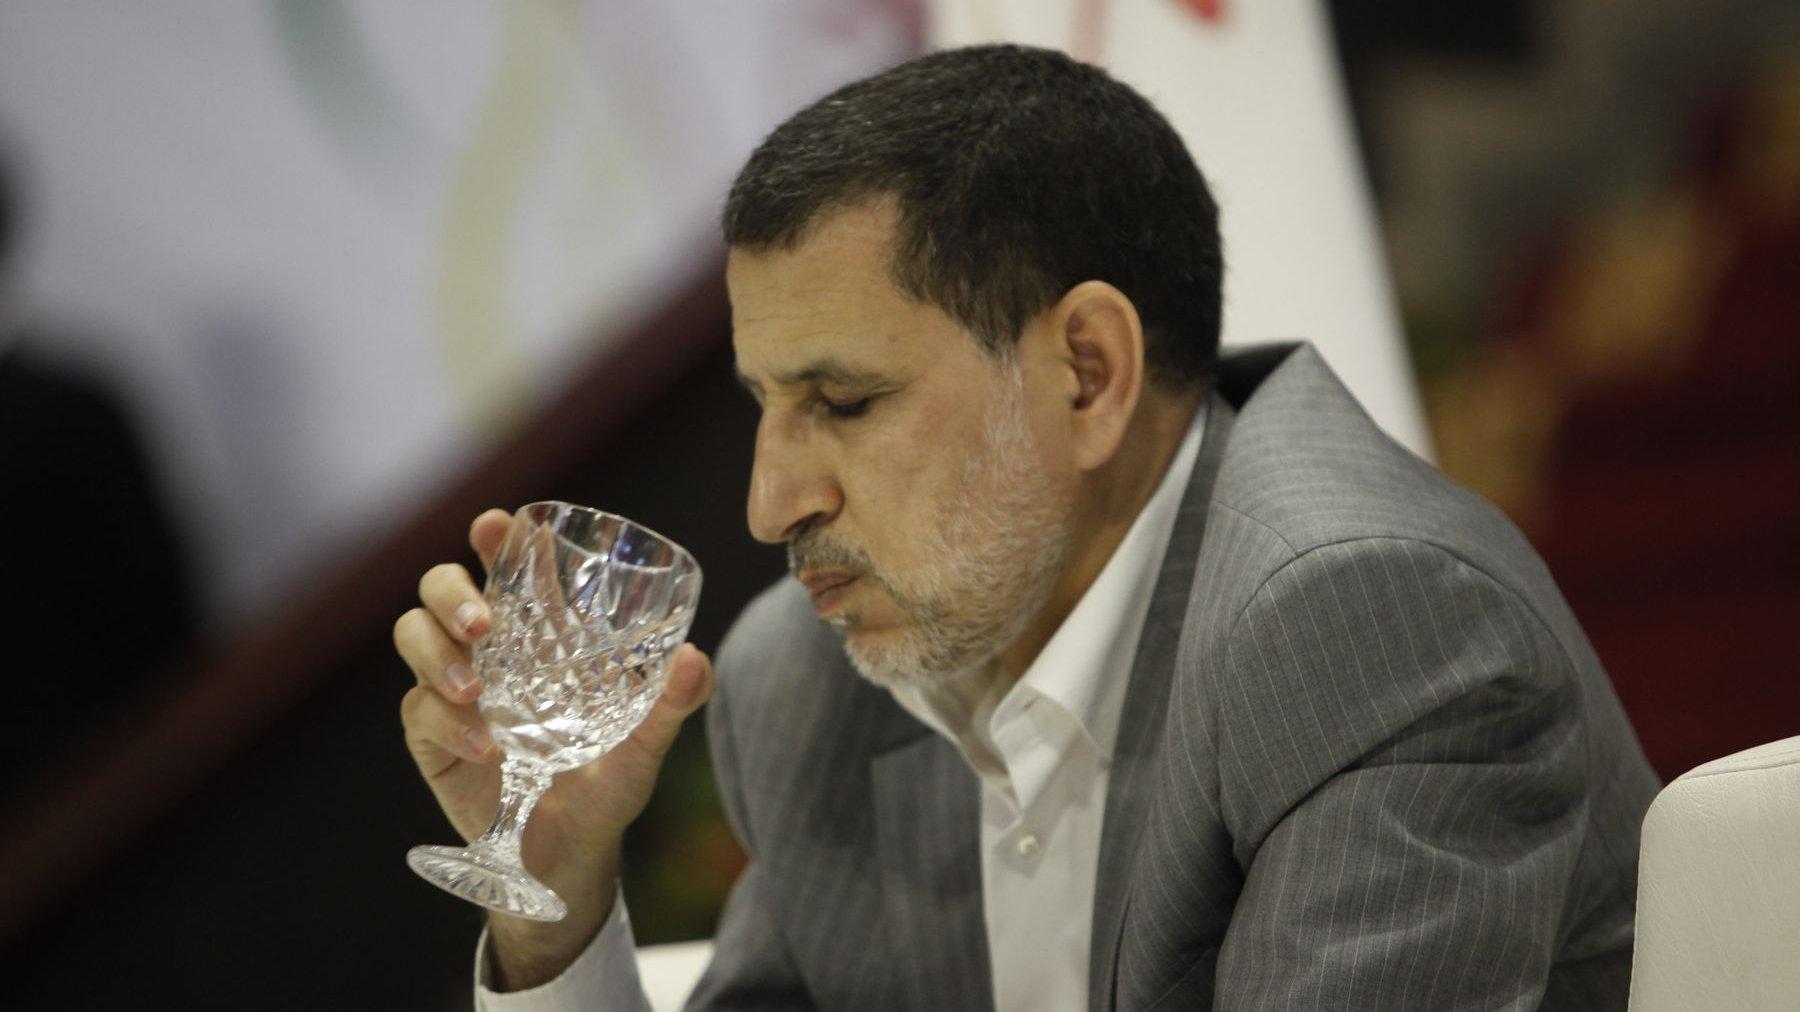 العثماني يستنجد بـ»برنامج استعجالي» لمعالجة مشكل ندرة الماء الصالح للشرب